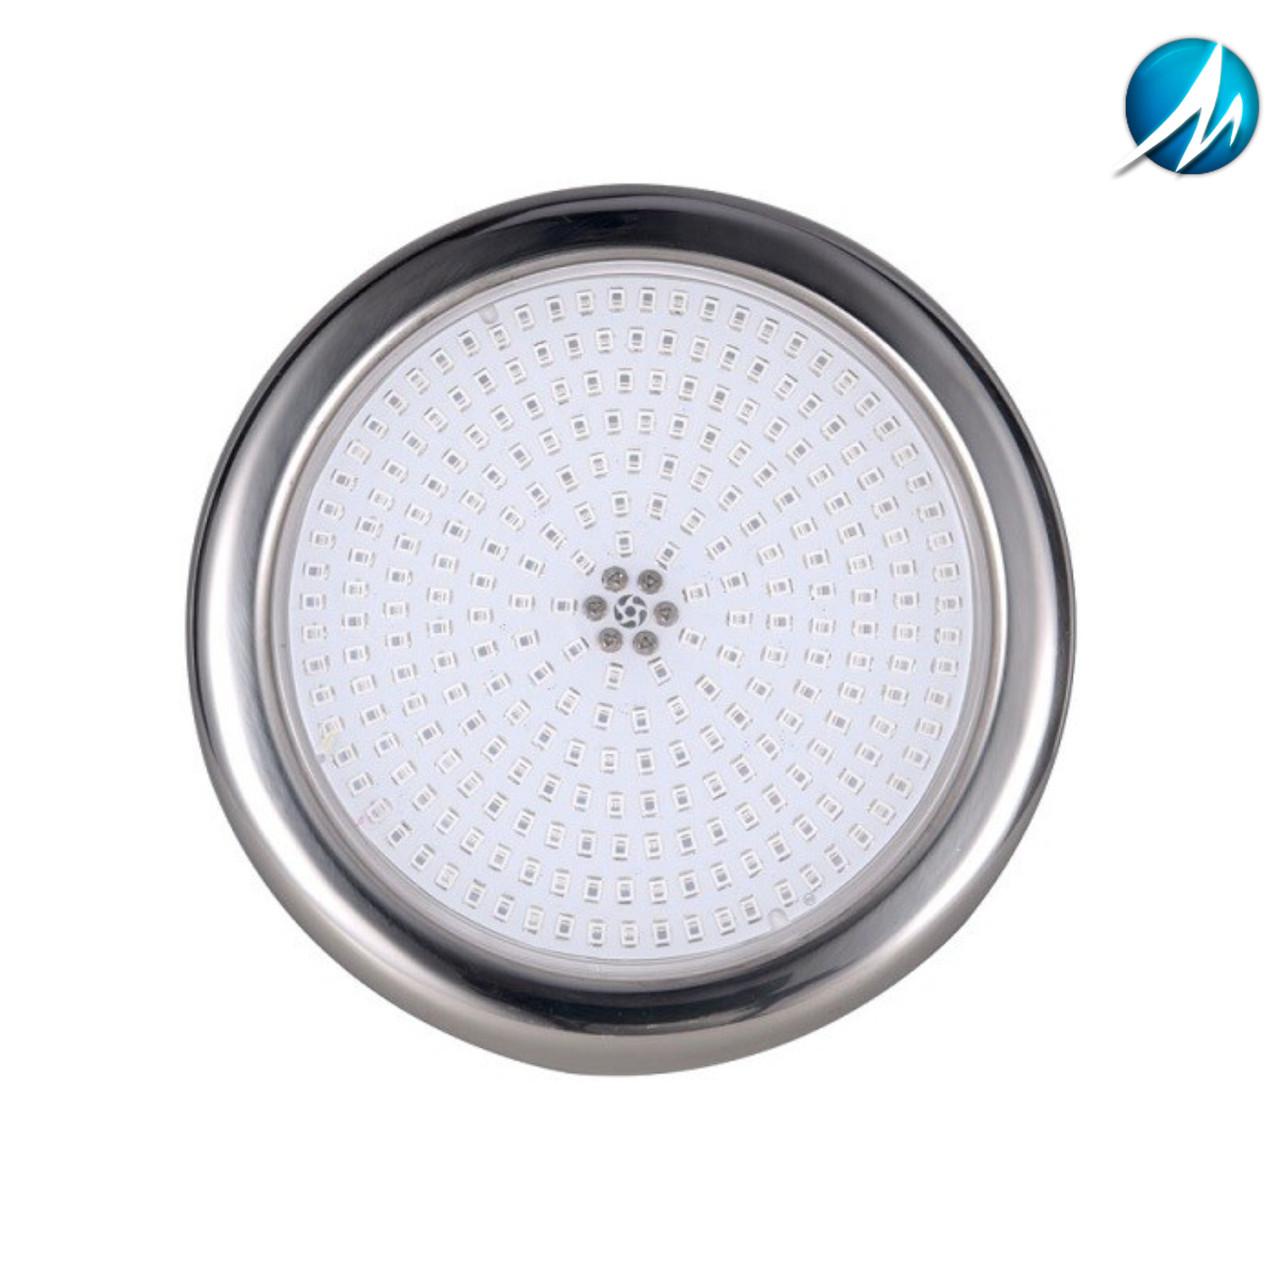 Прожектор світлодіодний Aquaviva LED227C 252LED (18 Вт) RGB, тип кріплення різьба